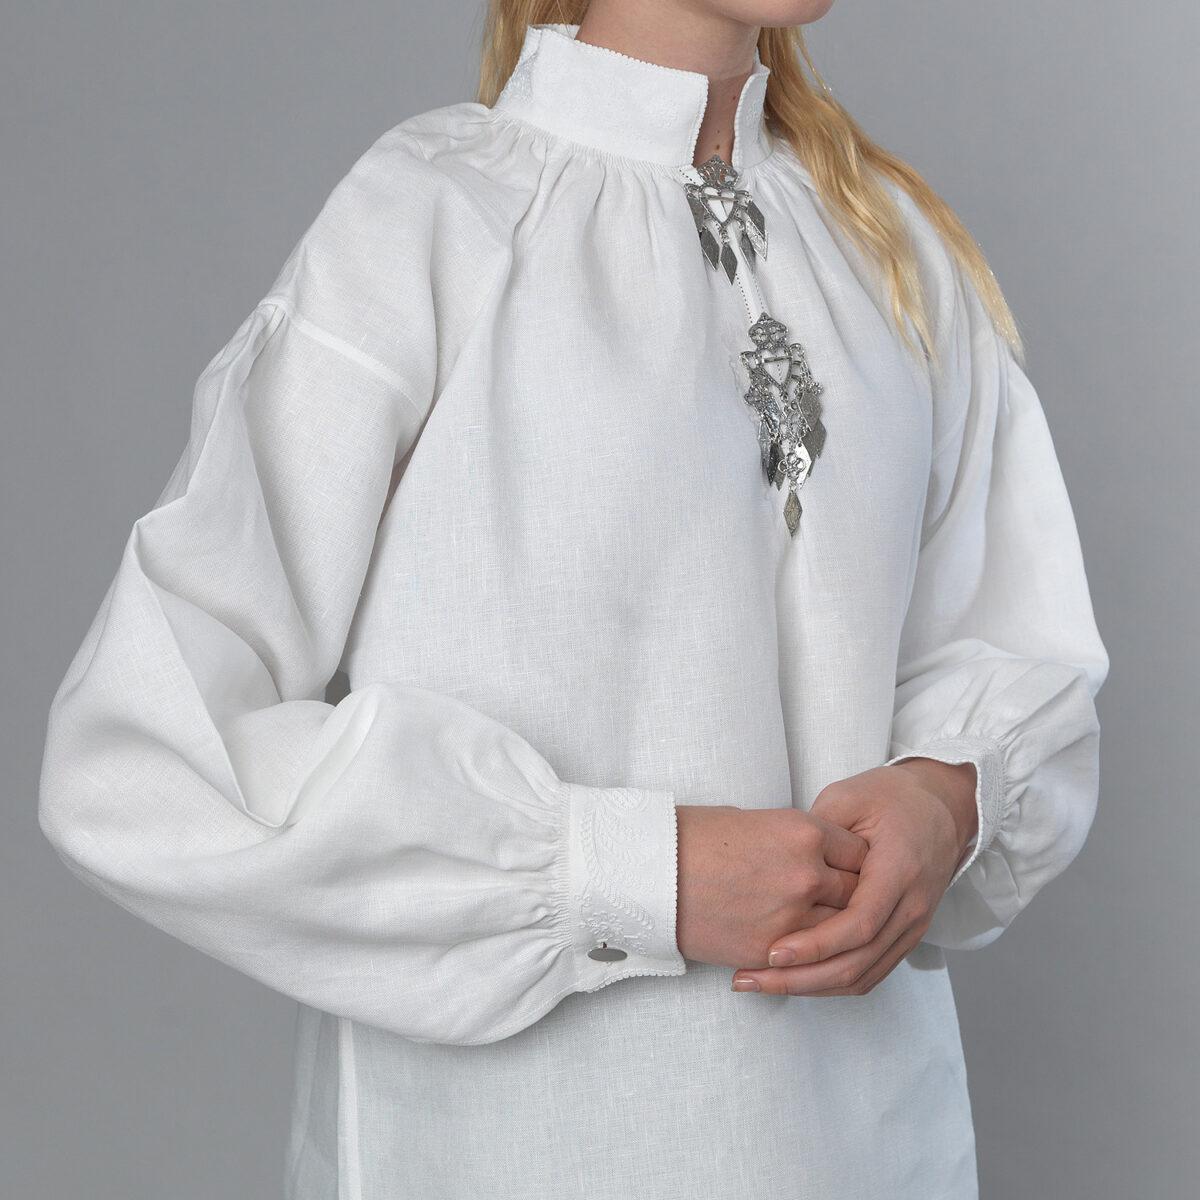 Romerike linskjorte, roser & knuter-478